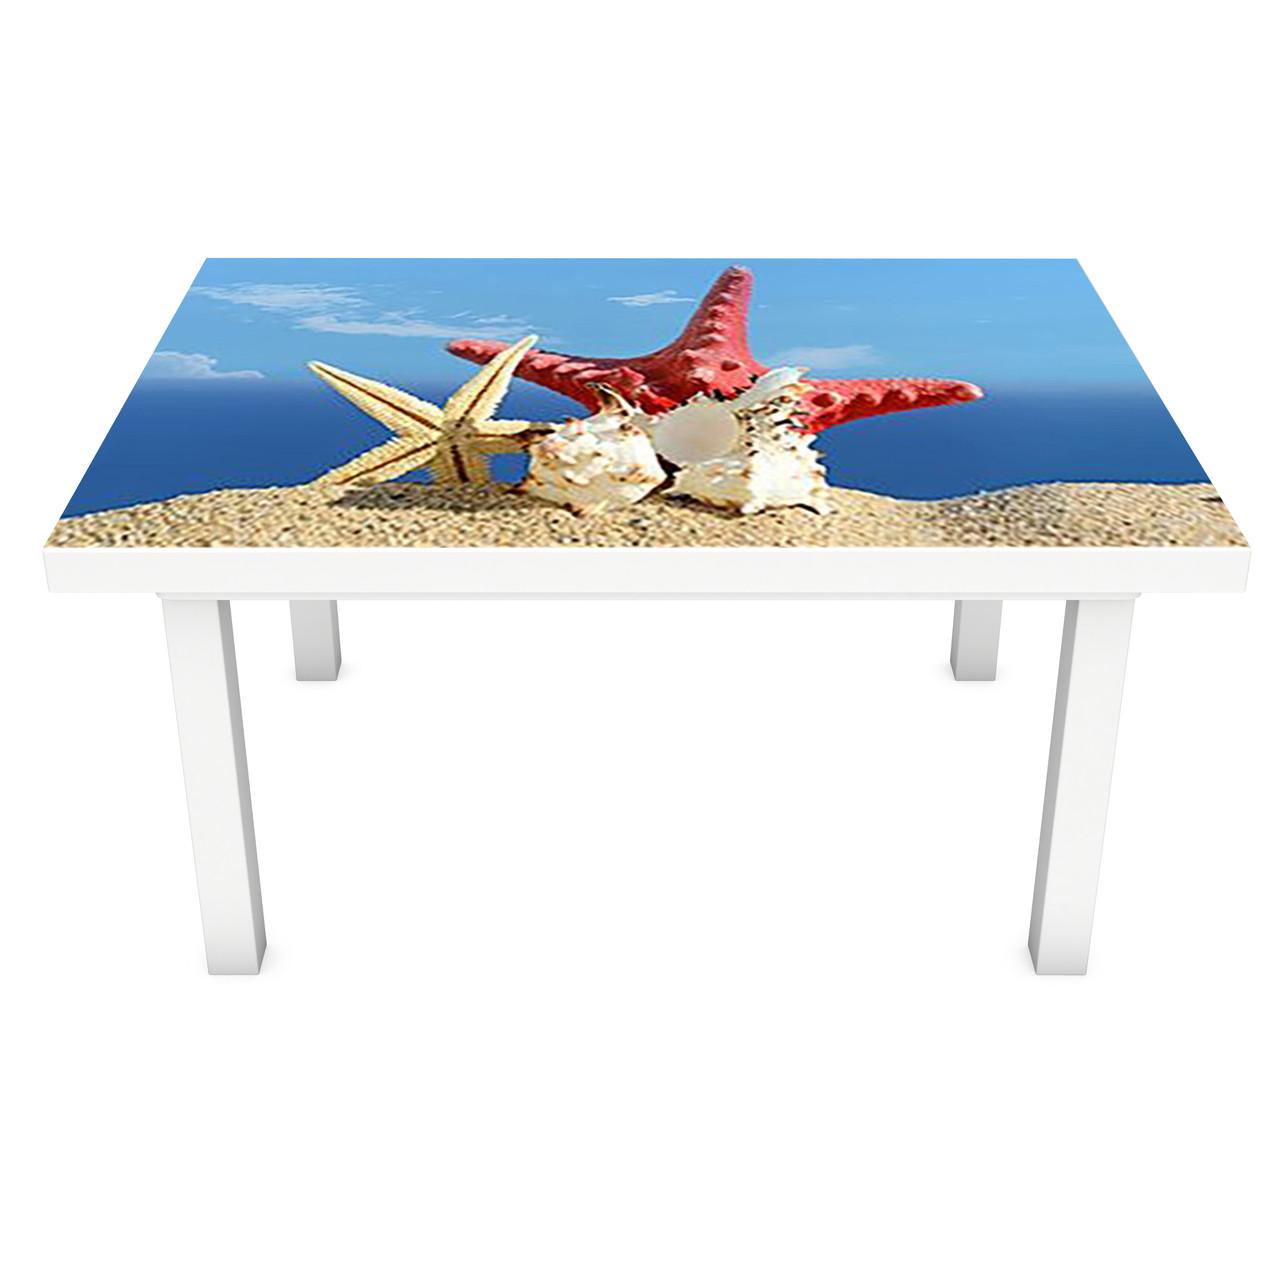 Наклейка на стол Ракушки ПВХ интерьерная пленка для мебели пляж песок море звезда Синий 600*1200 мм